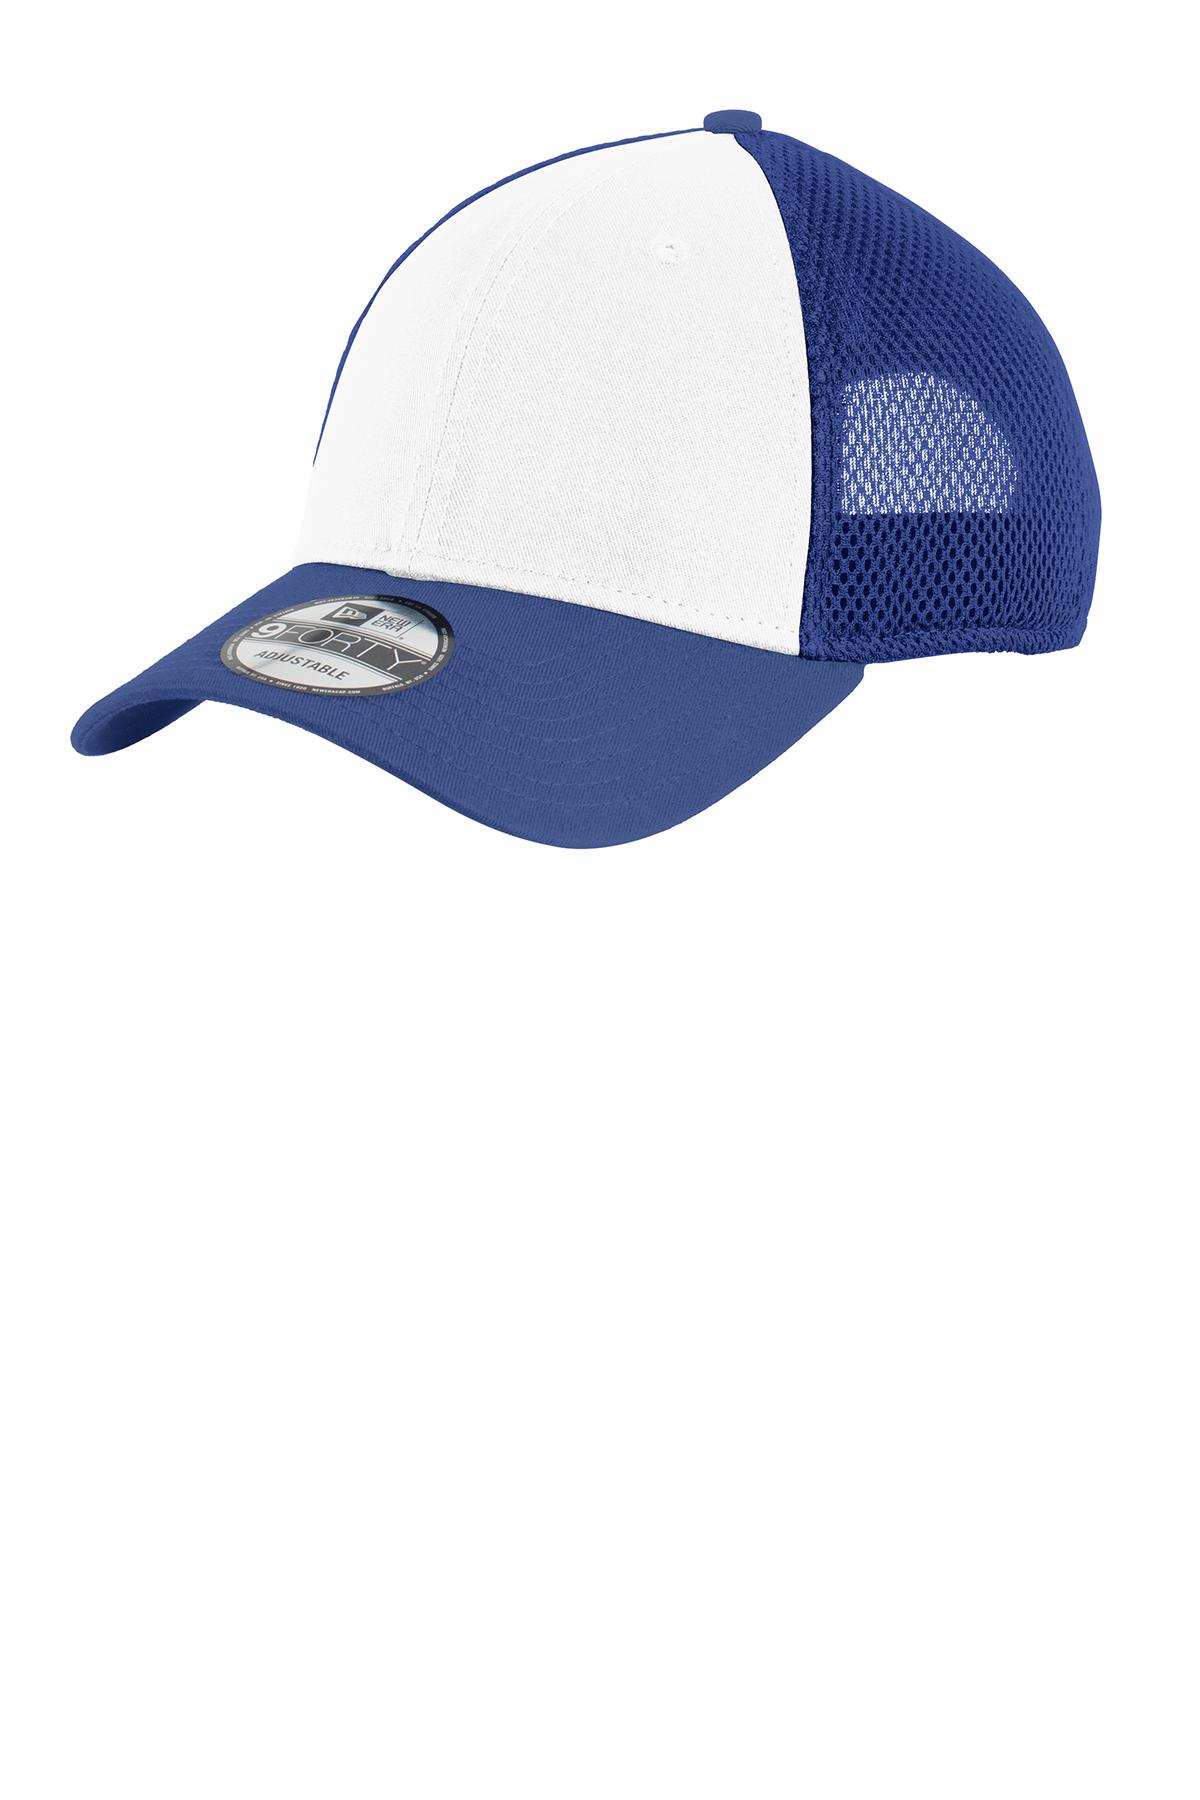 ddf10e87b3c2e New Era® - Snapback Contrast Front Mesh Cap